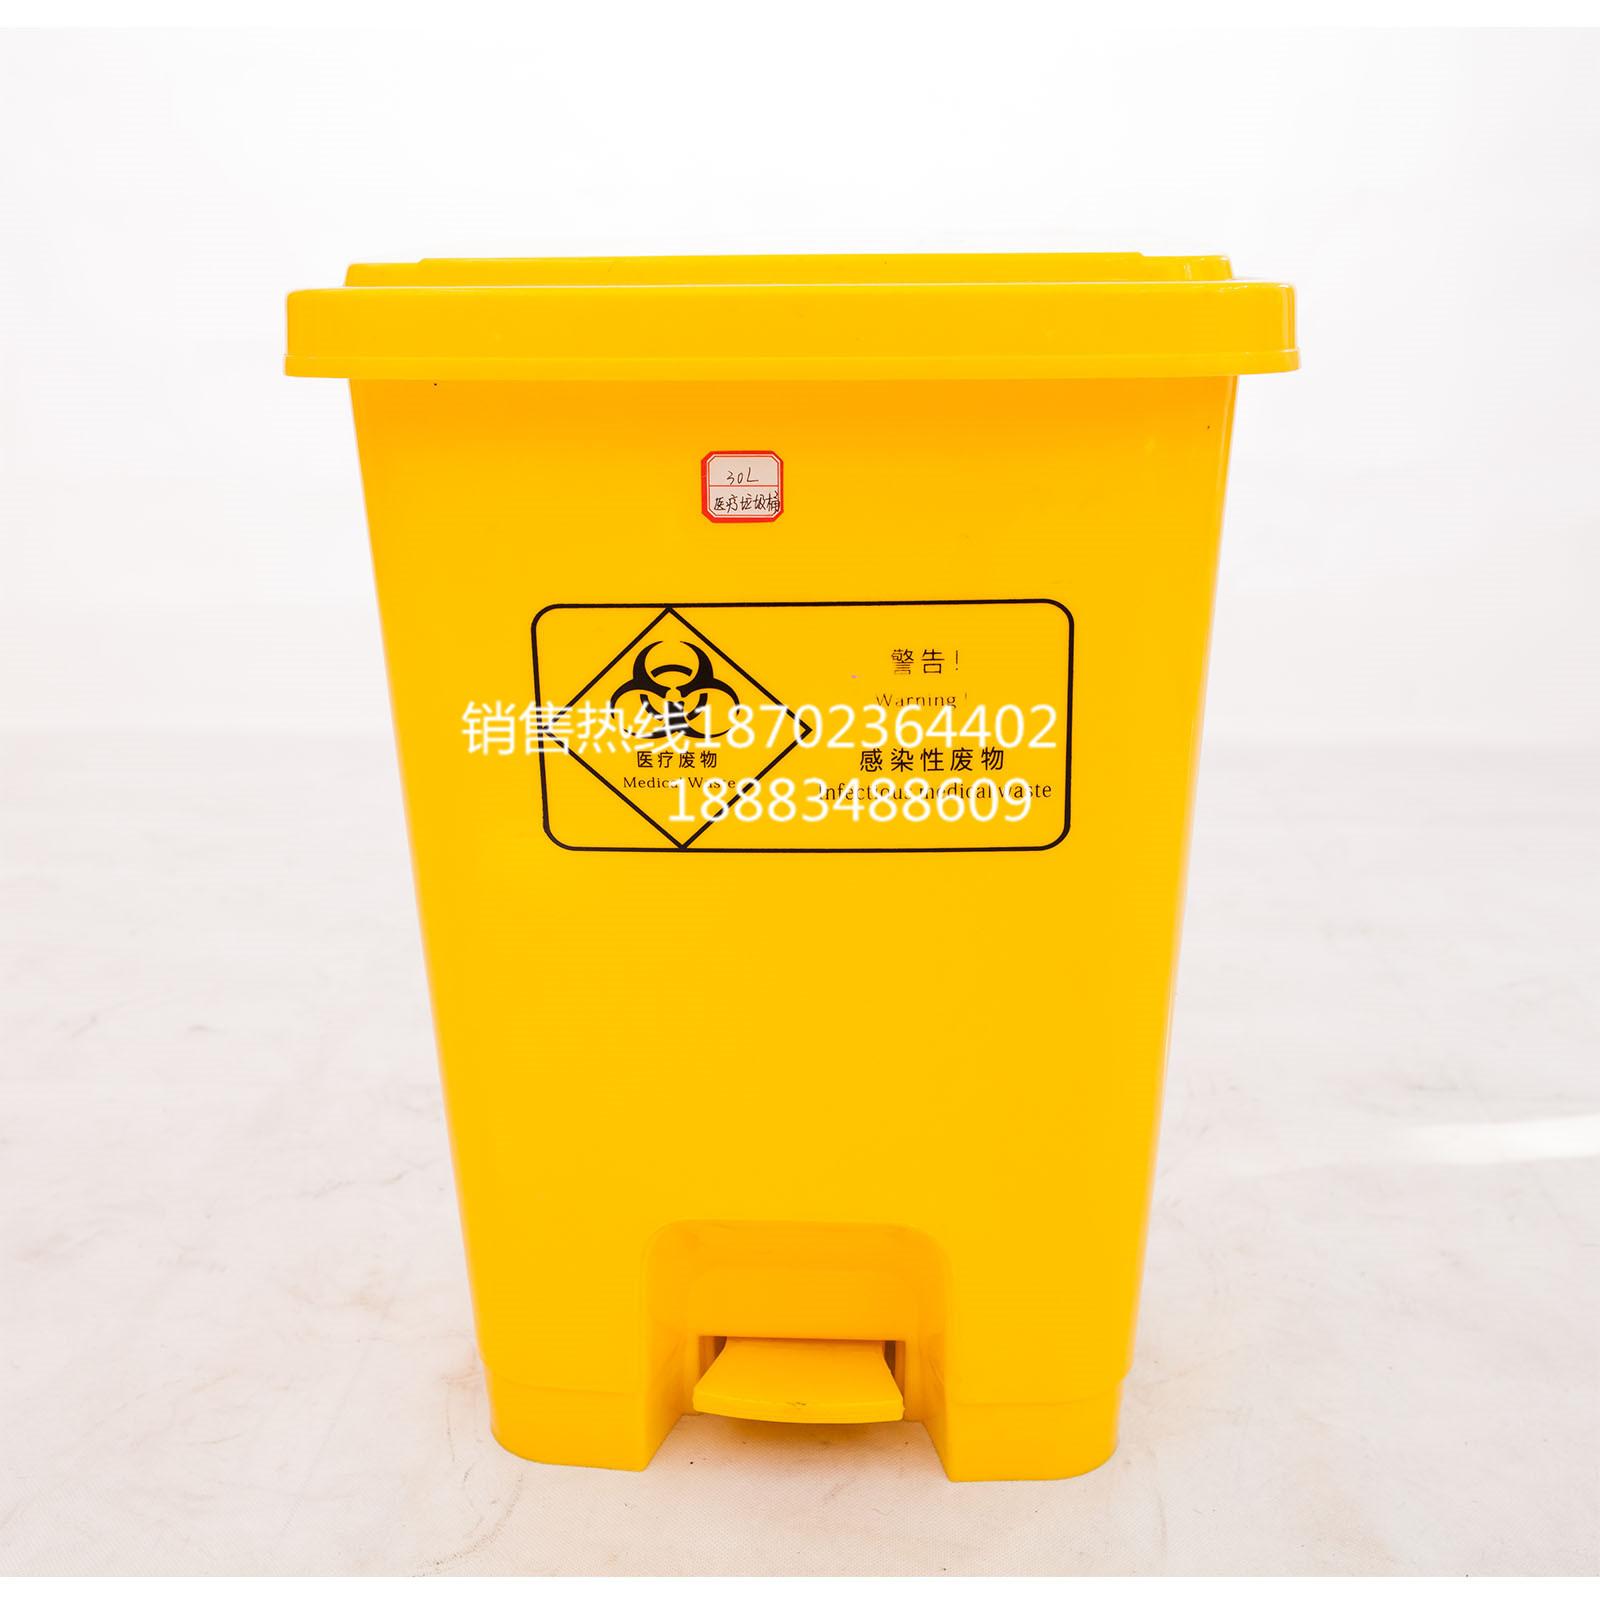 240L120100L医疗垃圾桶医疗垃圾桶黄色脚踏加厚30L100L50L15L诊所卫生院医用废物垃圾桶